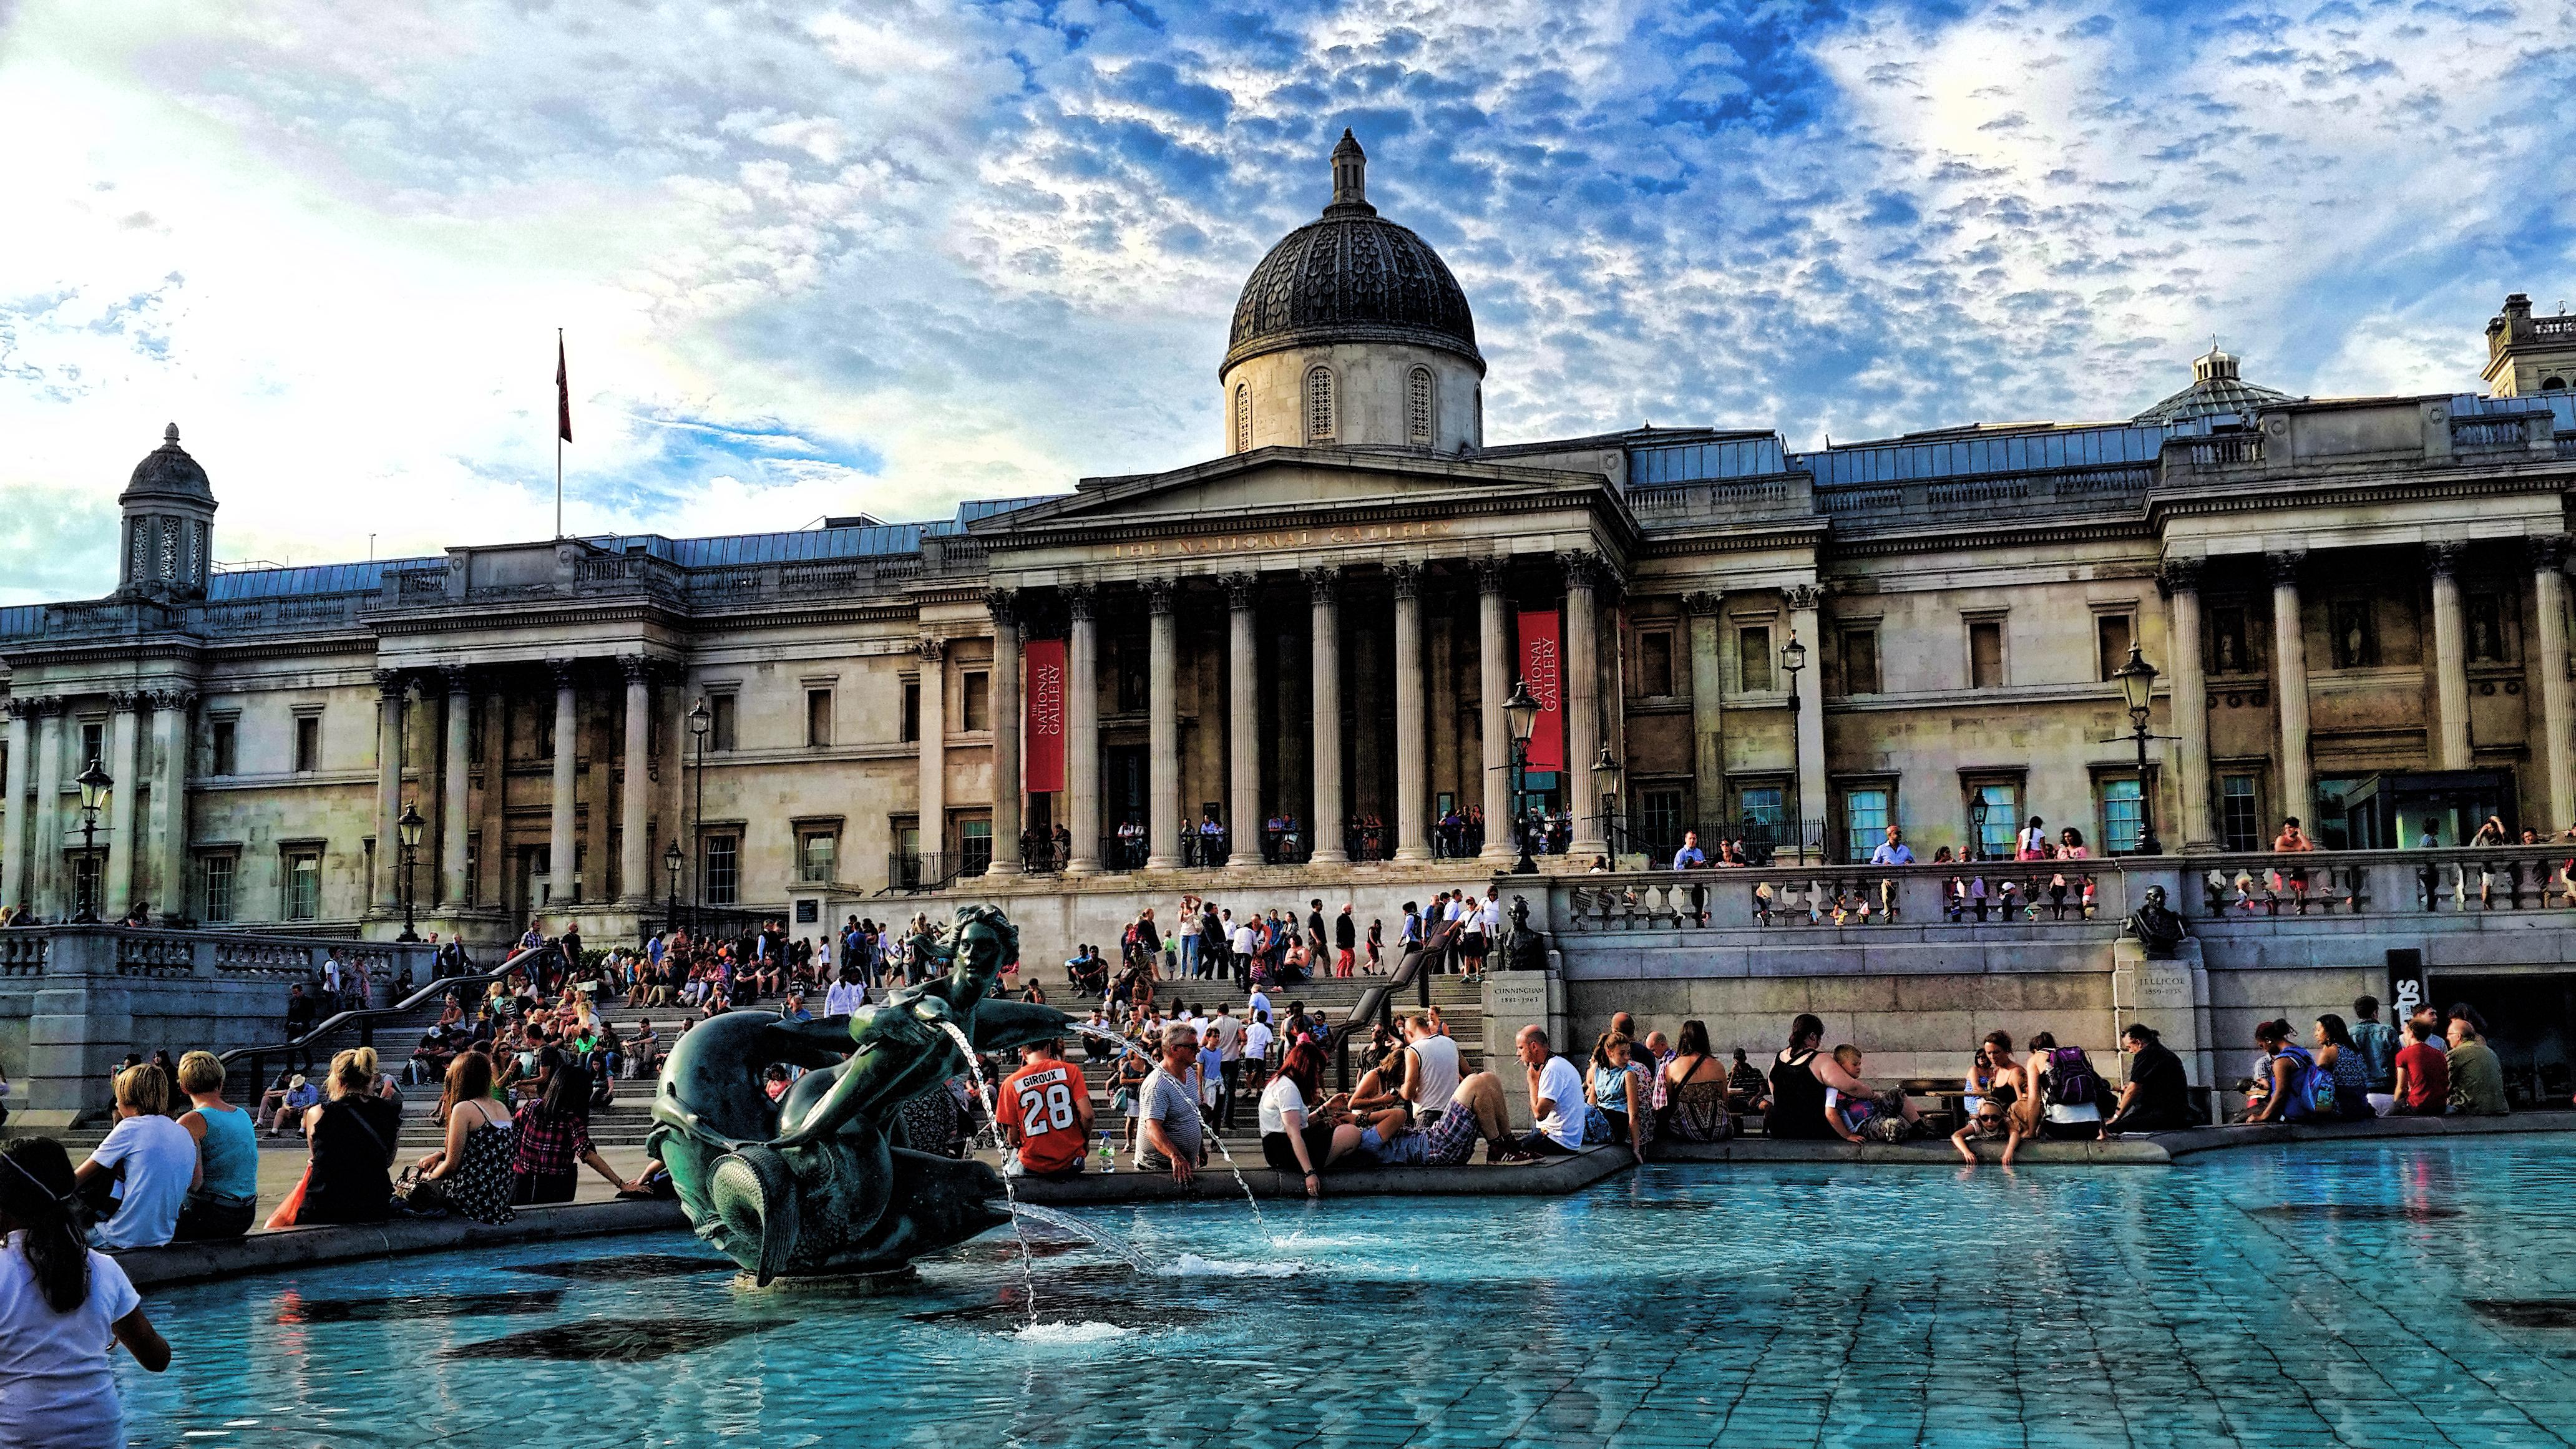 La Galería Nacional, en Londres, vista desde Trafalgar Square. Imagen via Mariano Mantel, Flickr.